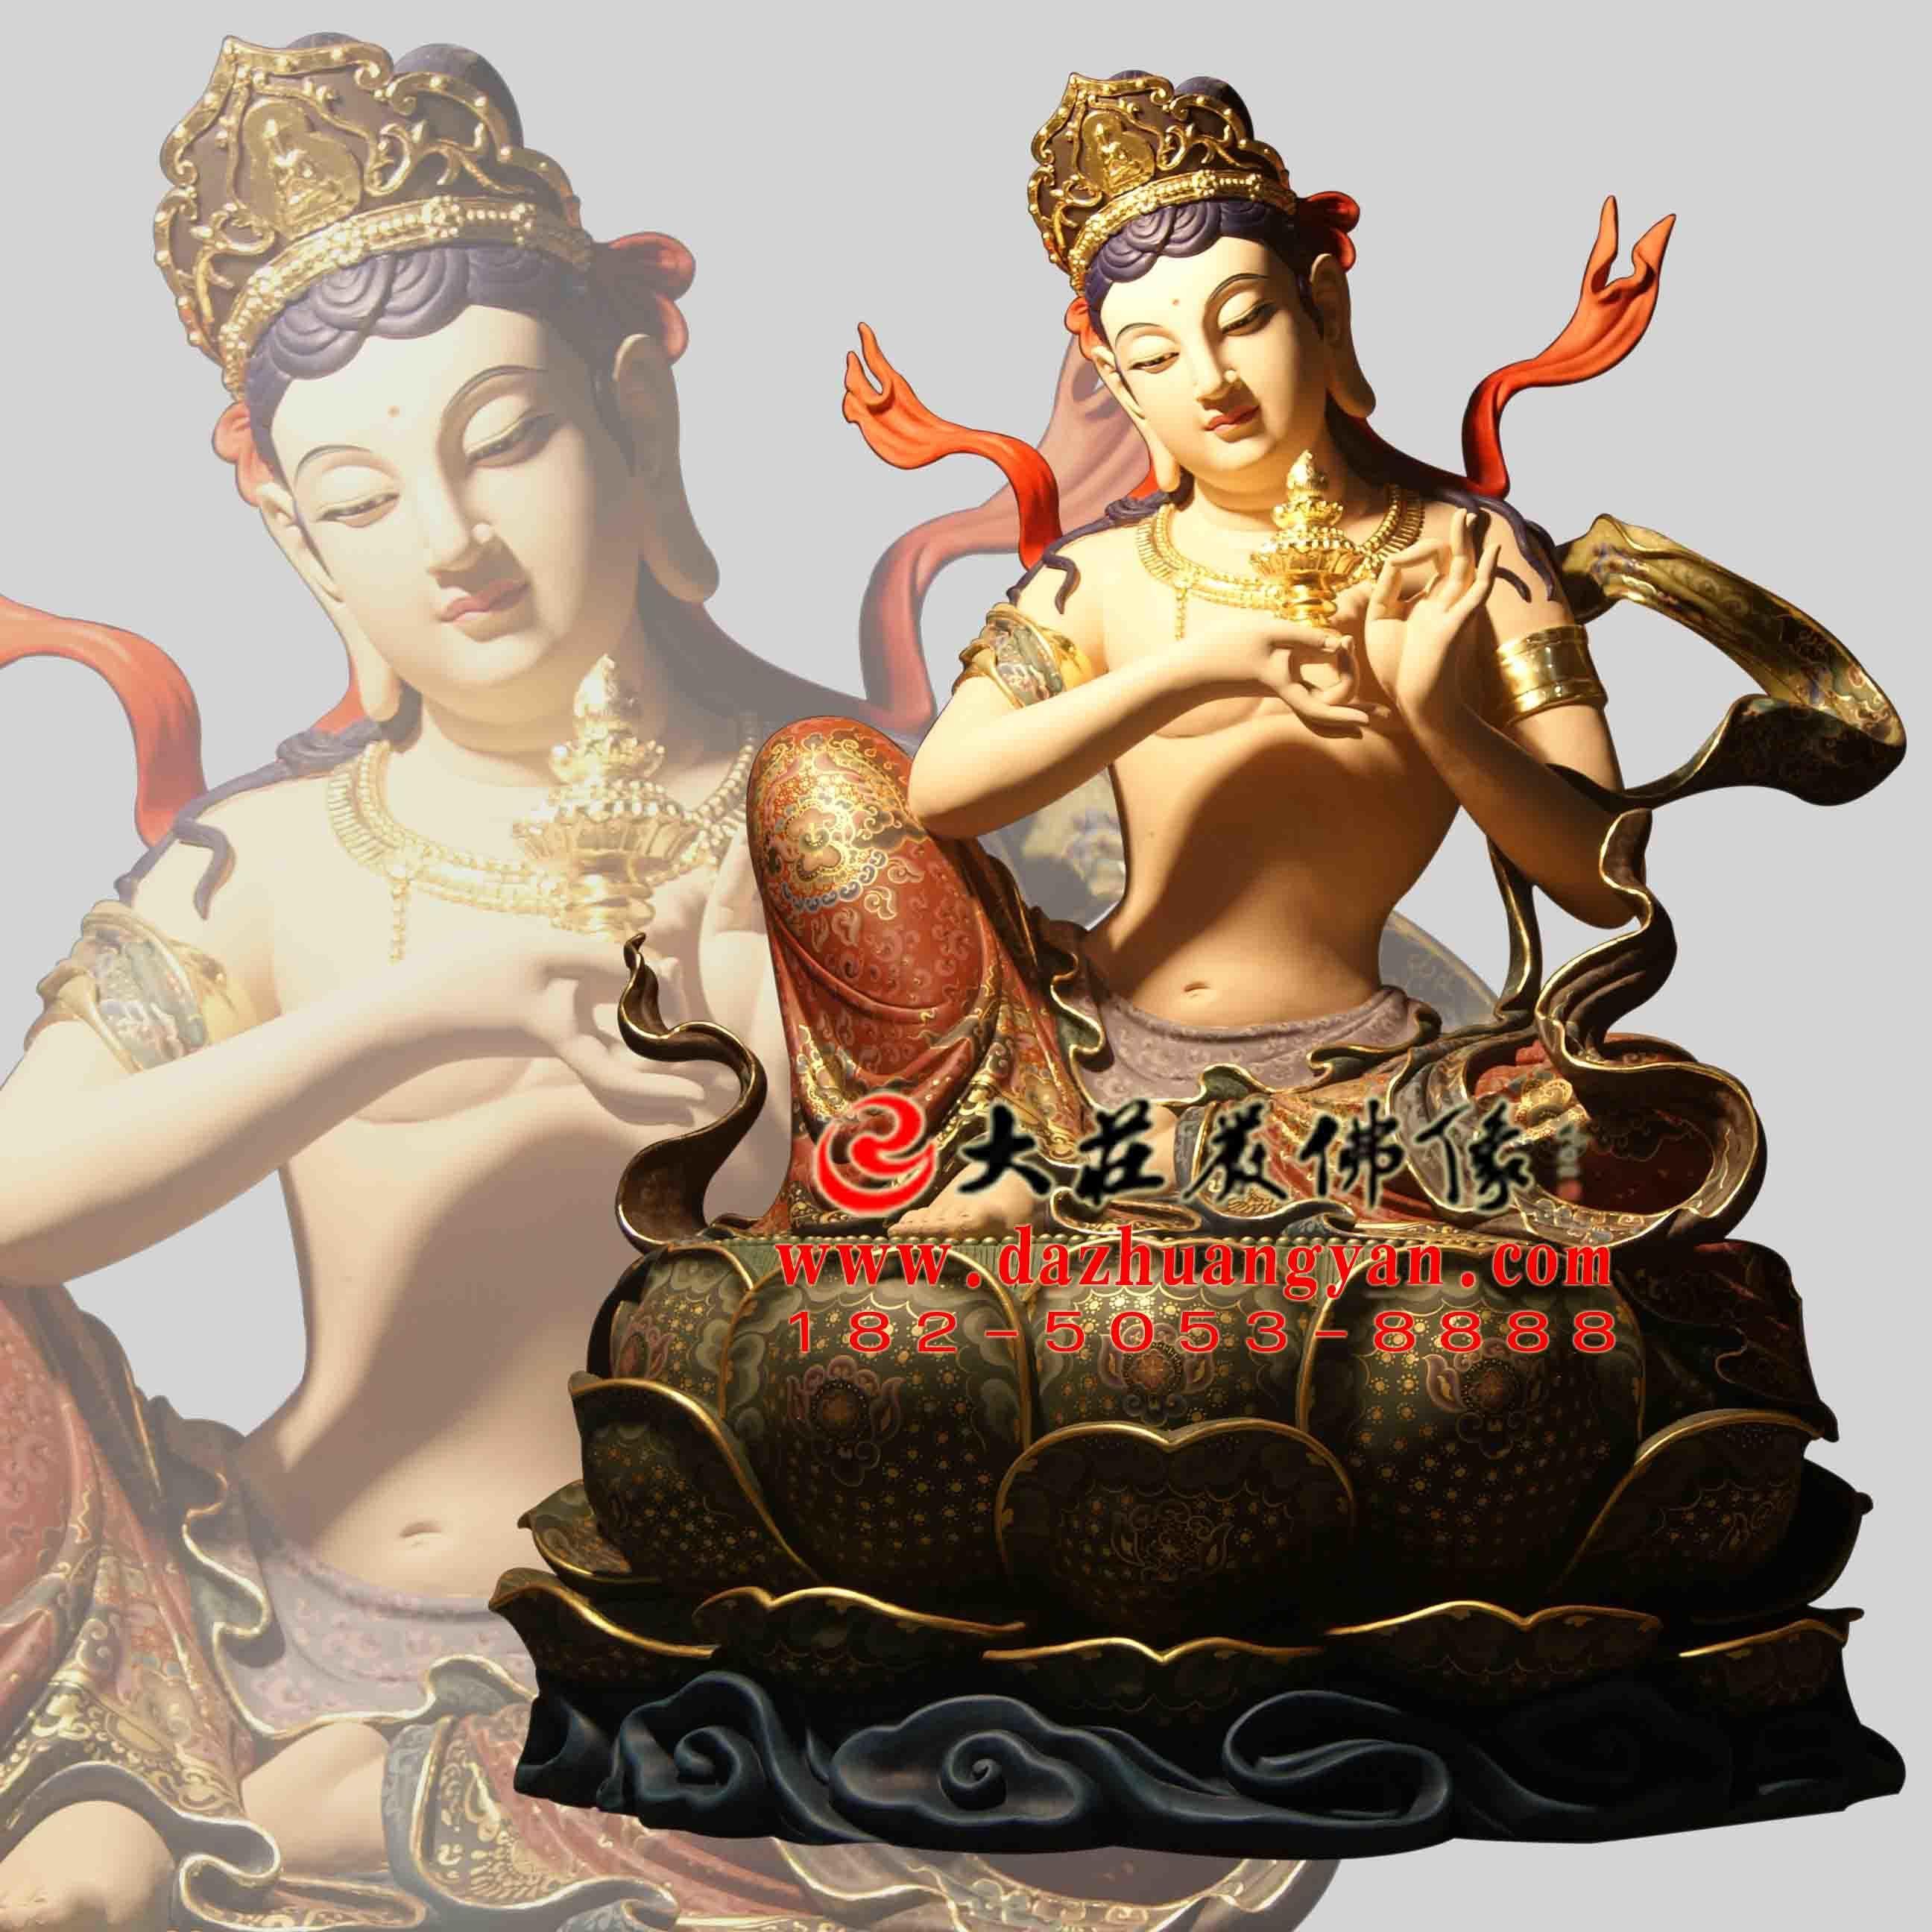 生漆脱胎供养菩萨彩绘佛像正面像